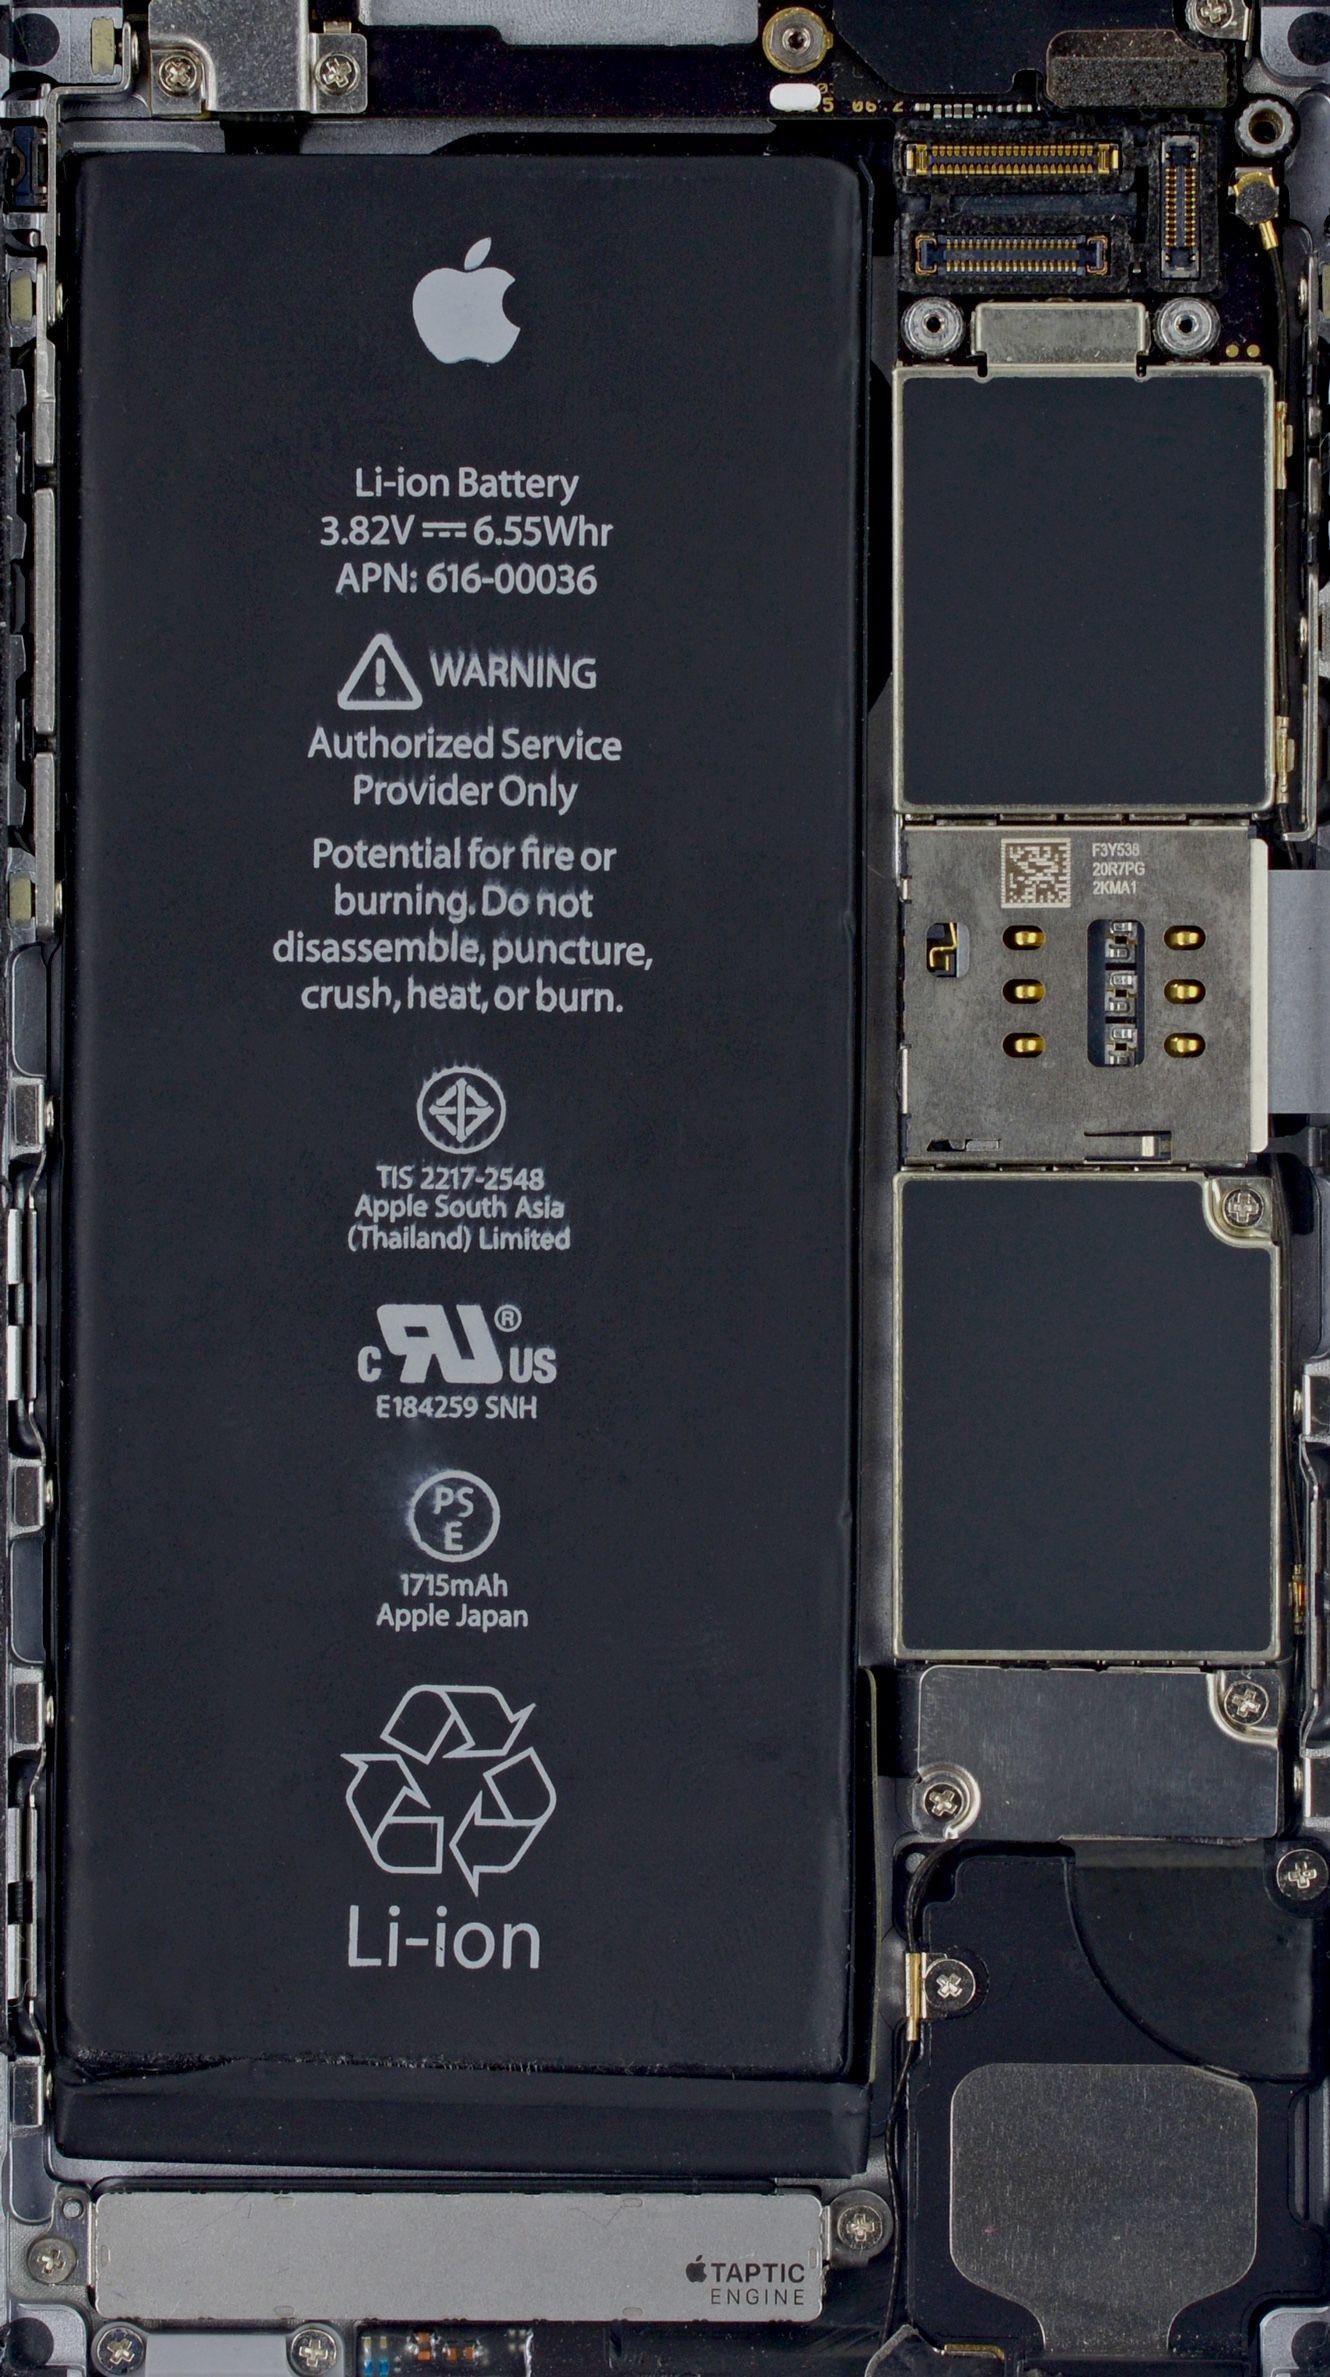 Iphone 6s Inside Wallpaper Teknologi Iphone Wallpaper Ponsel